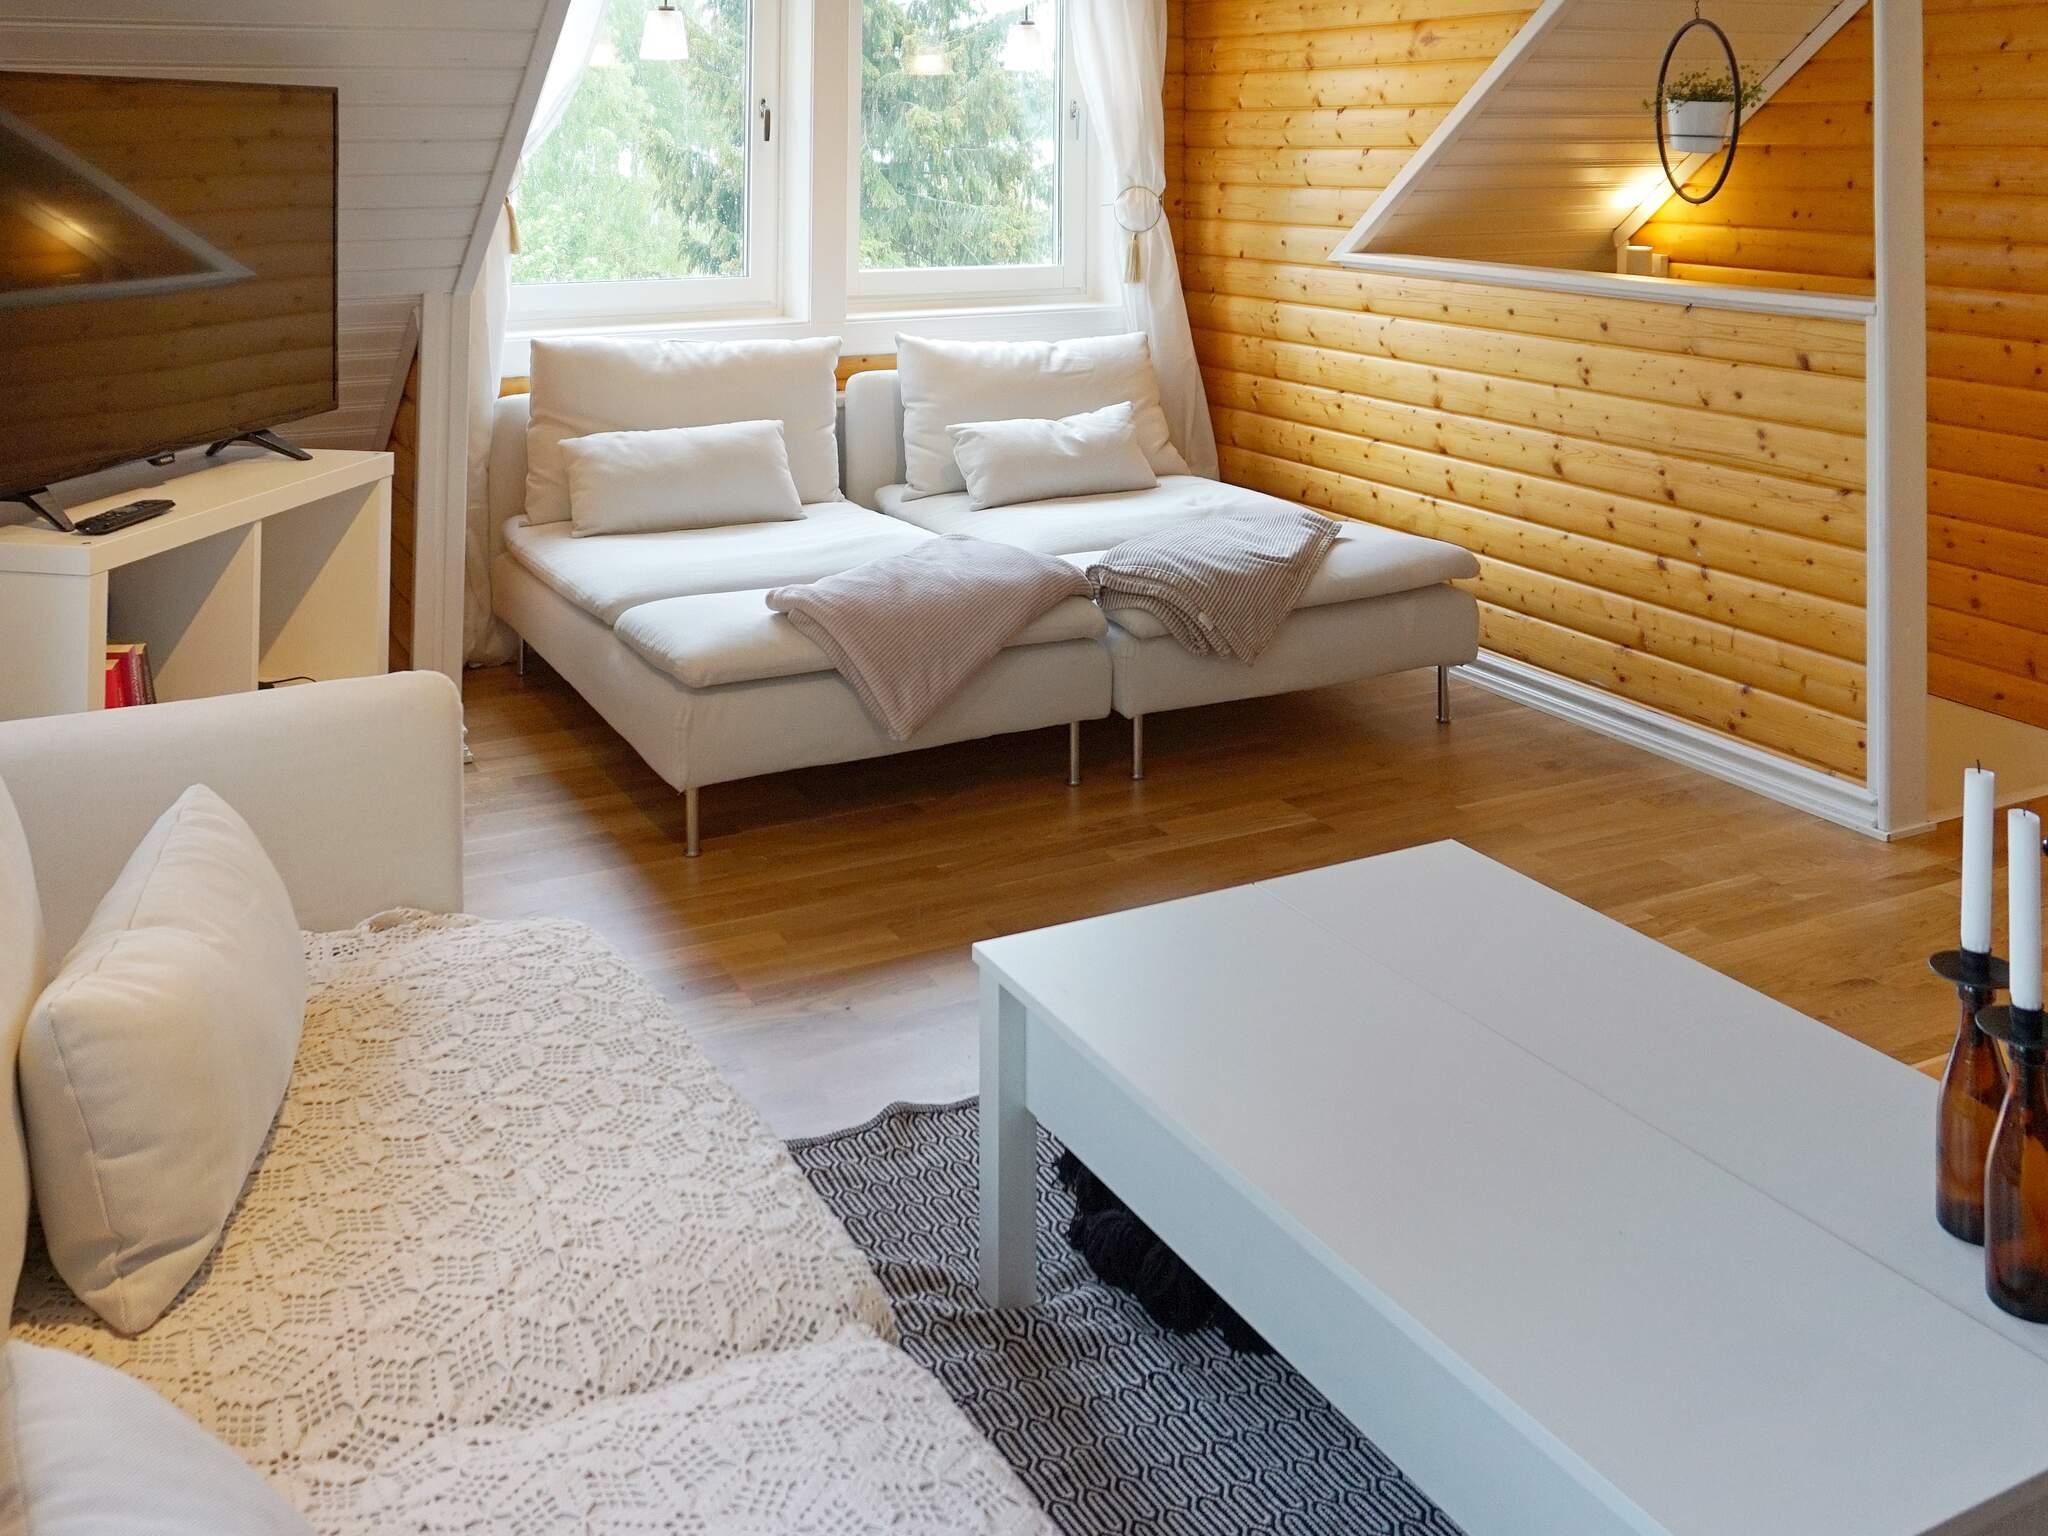 Ferienhaus Kolsva (2636835), Kolsva, Västmanlands län, Mittelschweden, Schweden, Bild 6